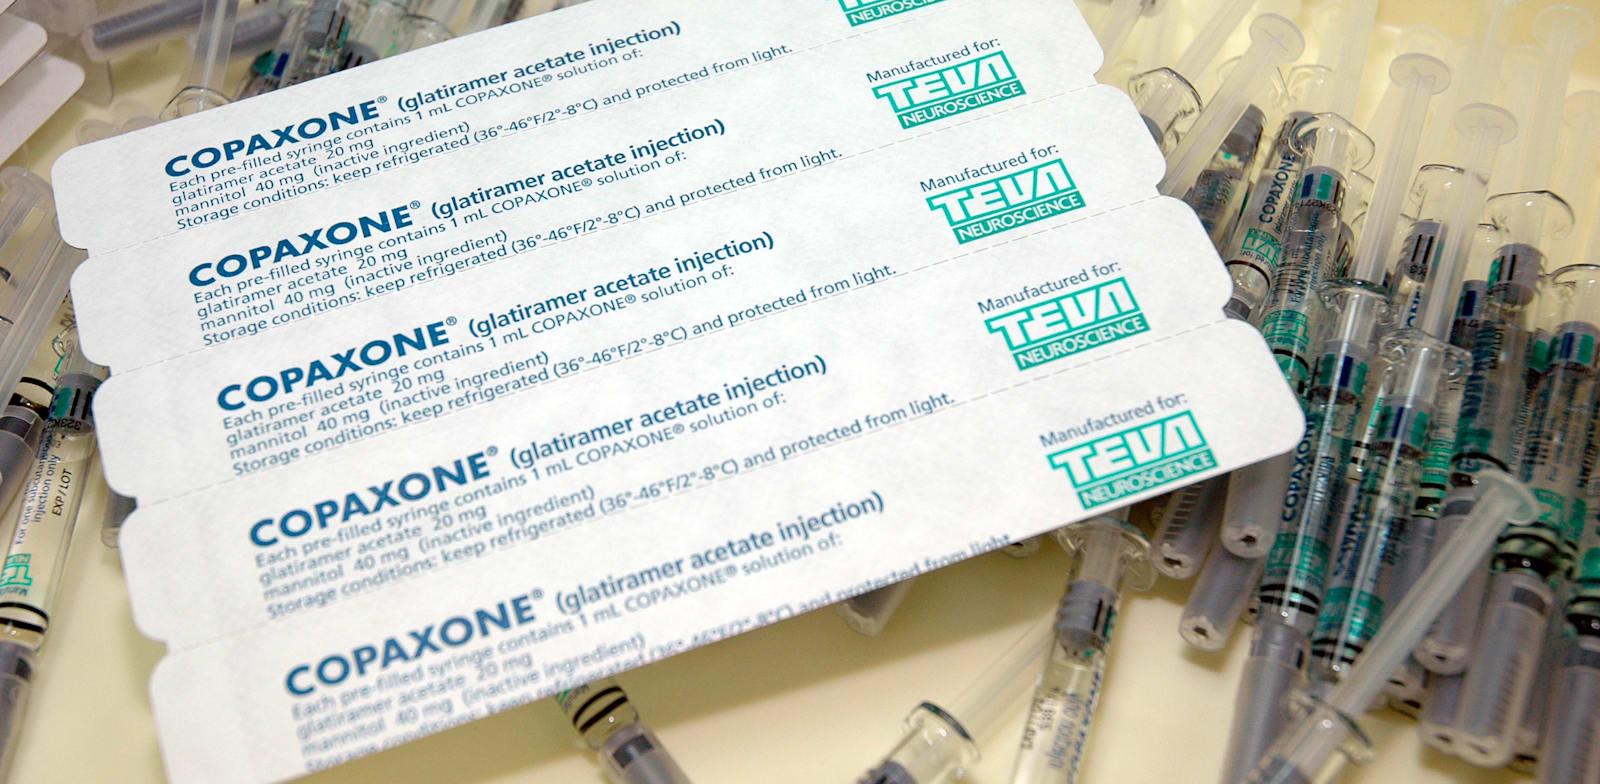 תרופת הקופקסון של טבע / צילום: תמר מצפי